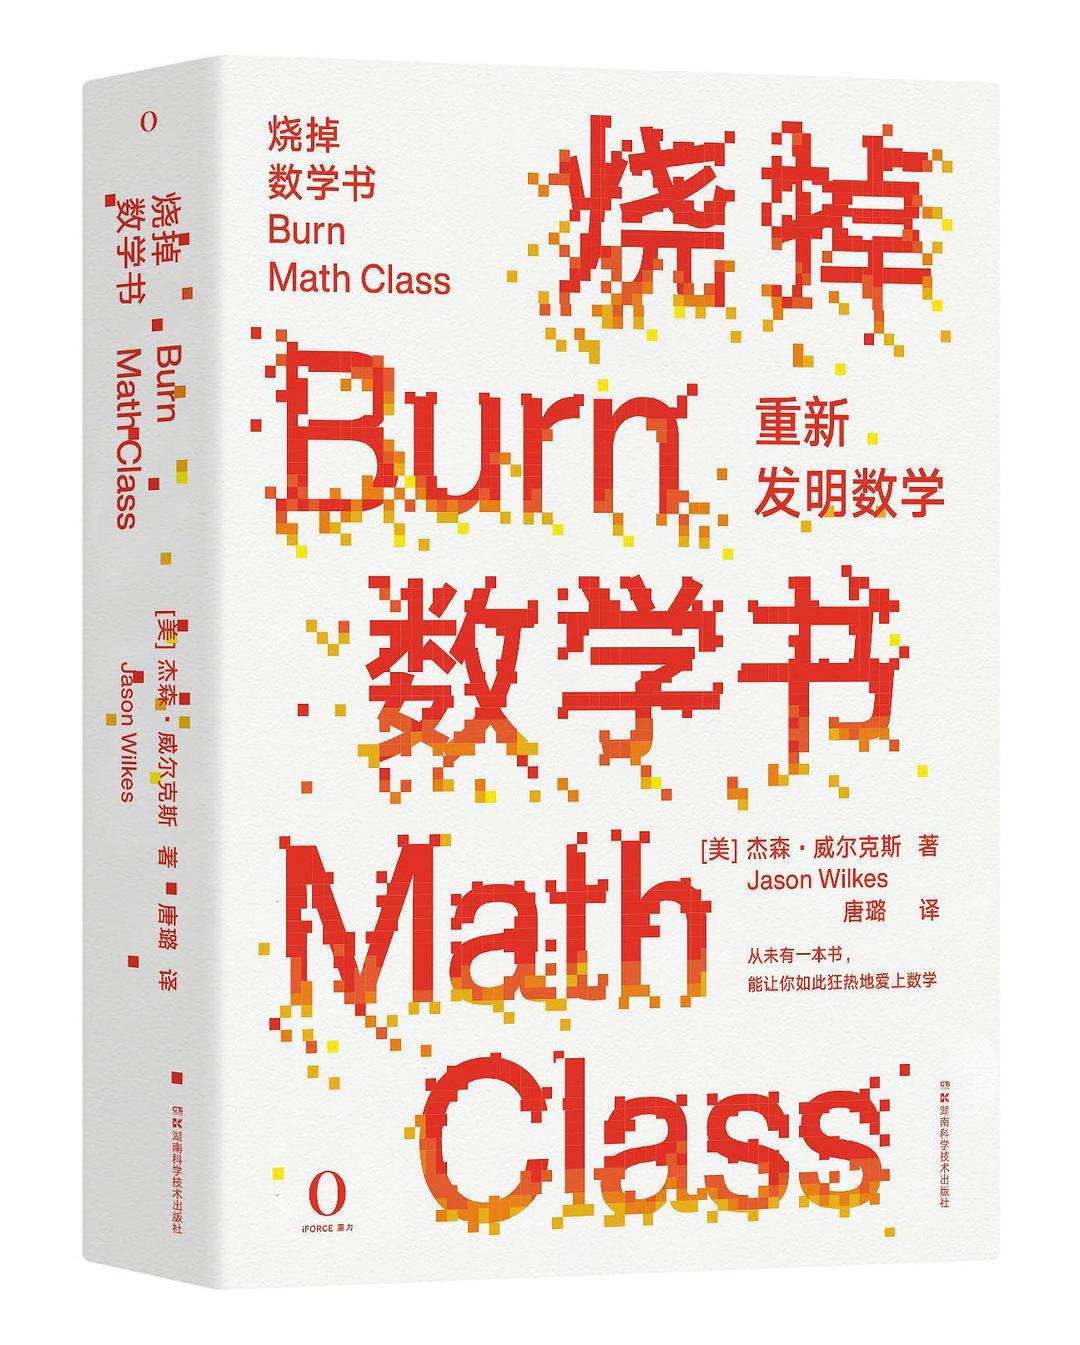 烧掉数学书:重新发明数学-好书天下